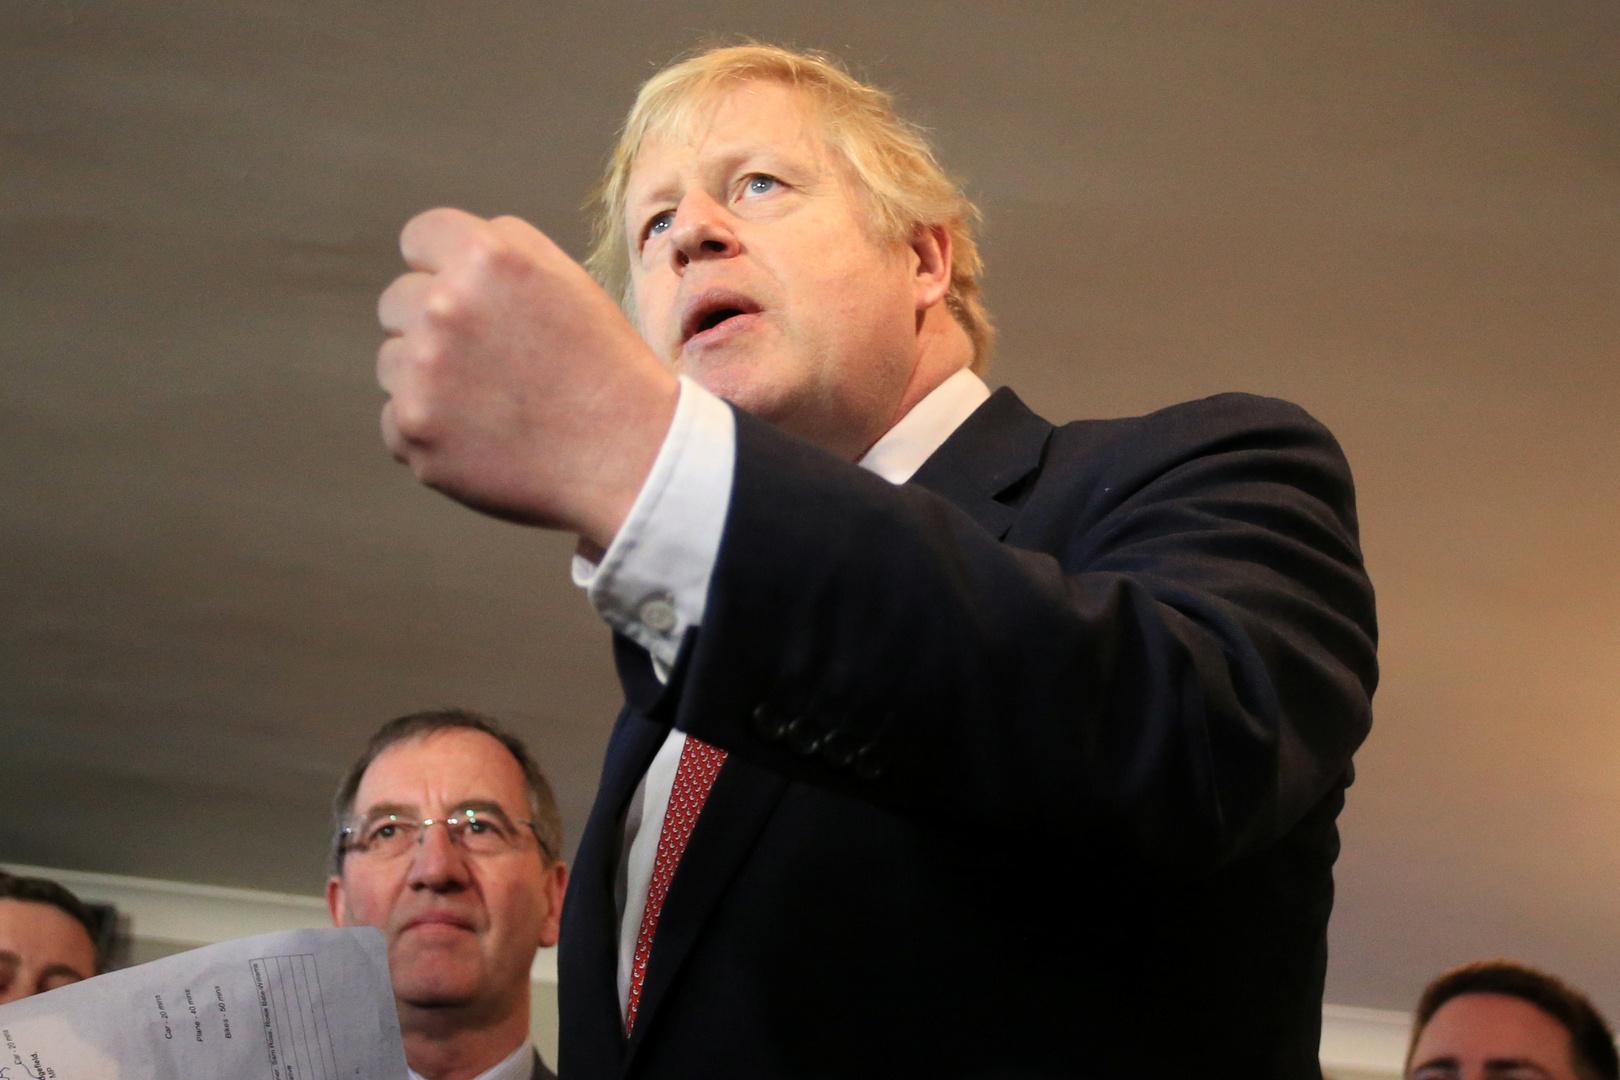 وسائل إعلام: بريطانيا بصدد اتخاذ إجراءات ضد حركة مقاطعة إسرائيل